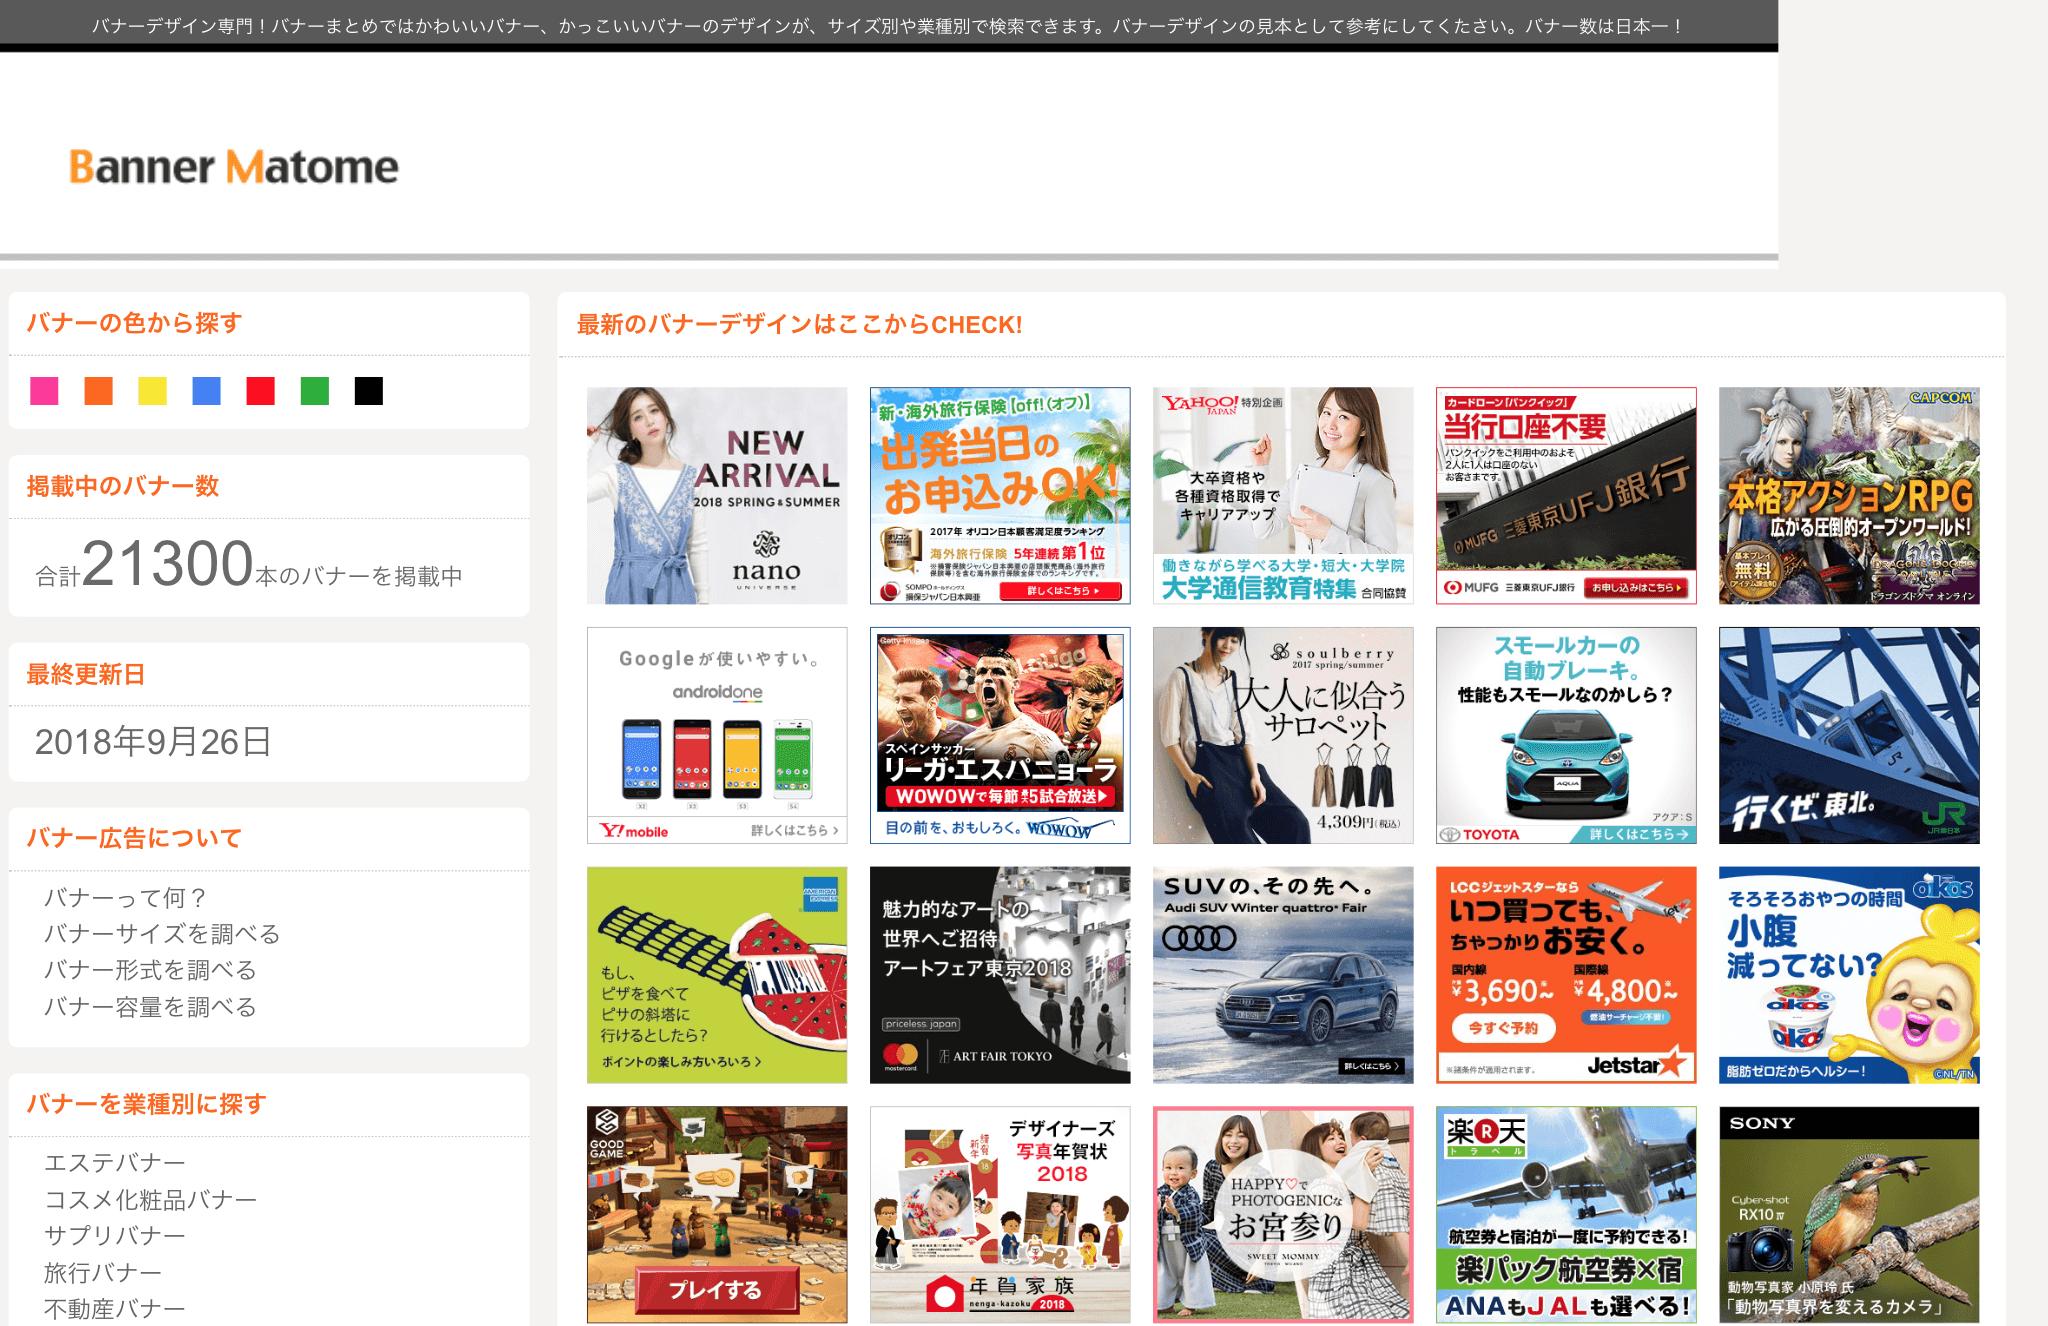 bannermatome.com_